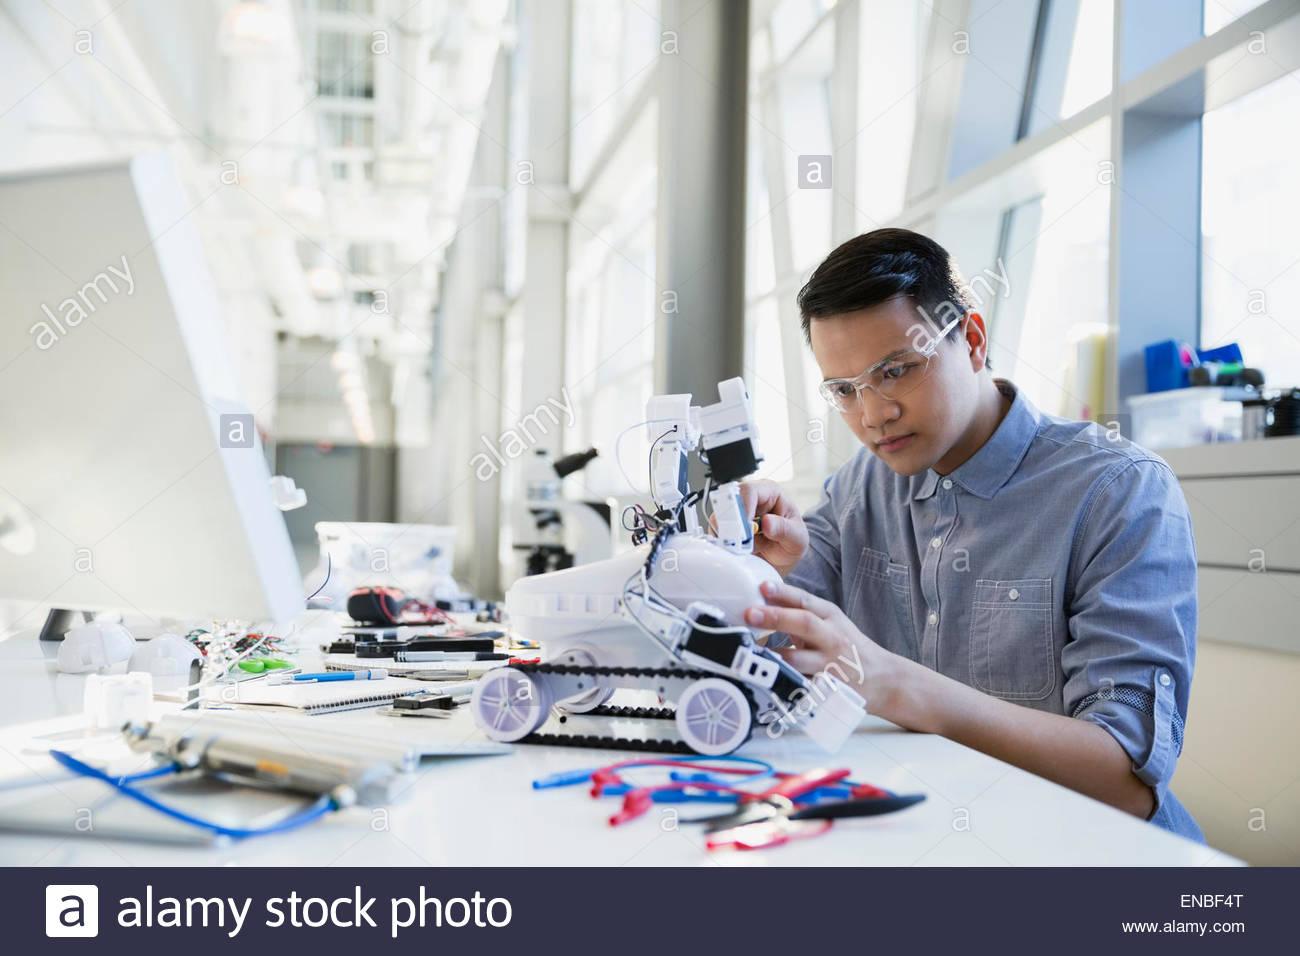 Ingegnere focalizzato assemblaggio auto robotica Immagini Stock